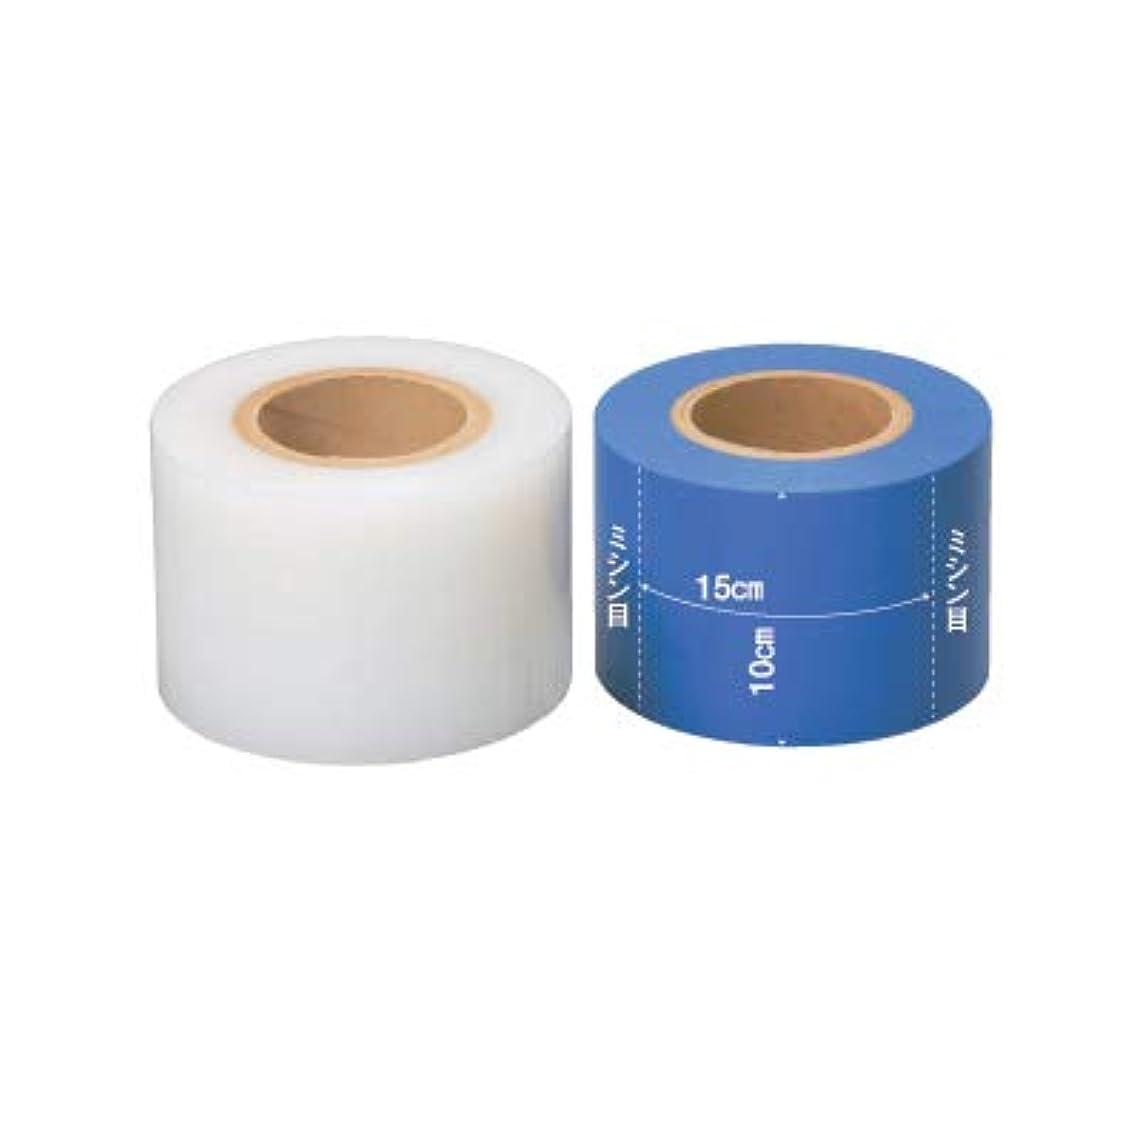 (ロータス)LOTUS バリアフィルムテープ 10cm×180m (保護用テープ ミシン目あり) (ブルー)